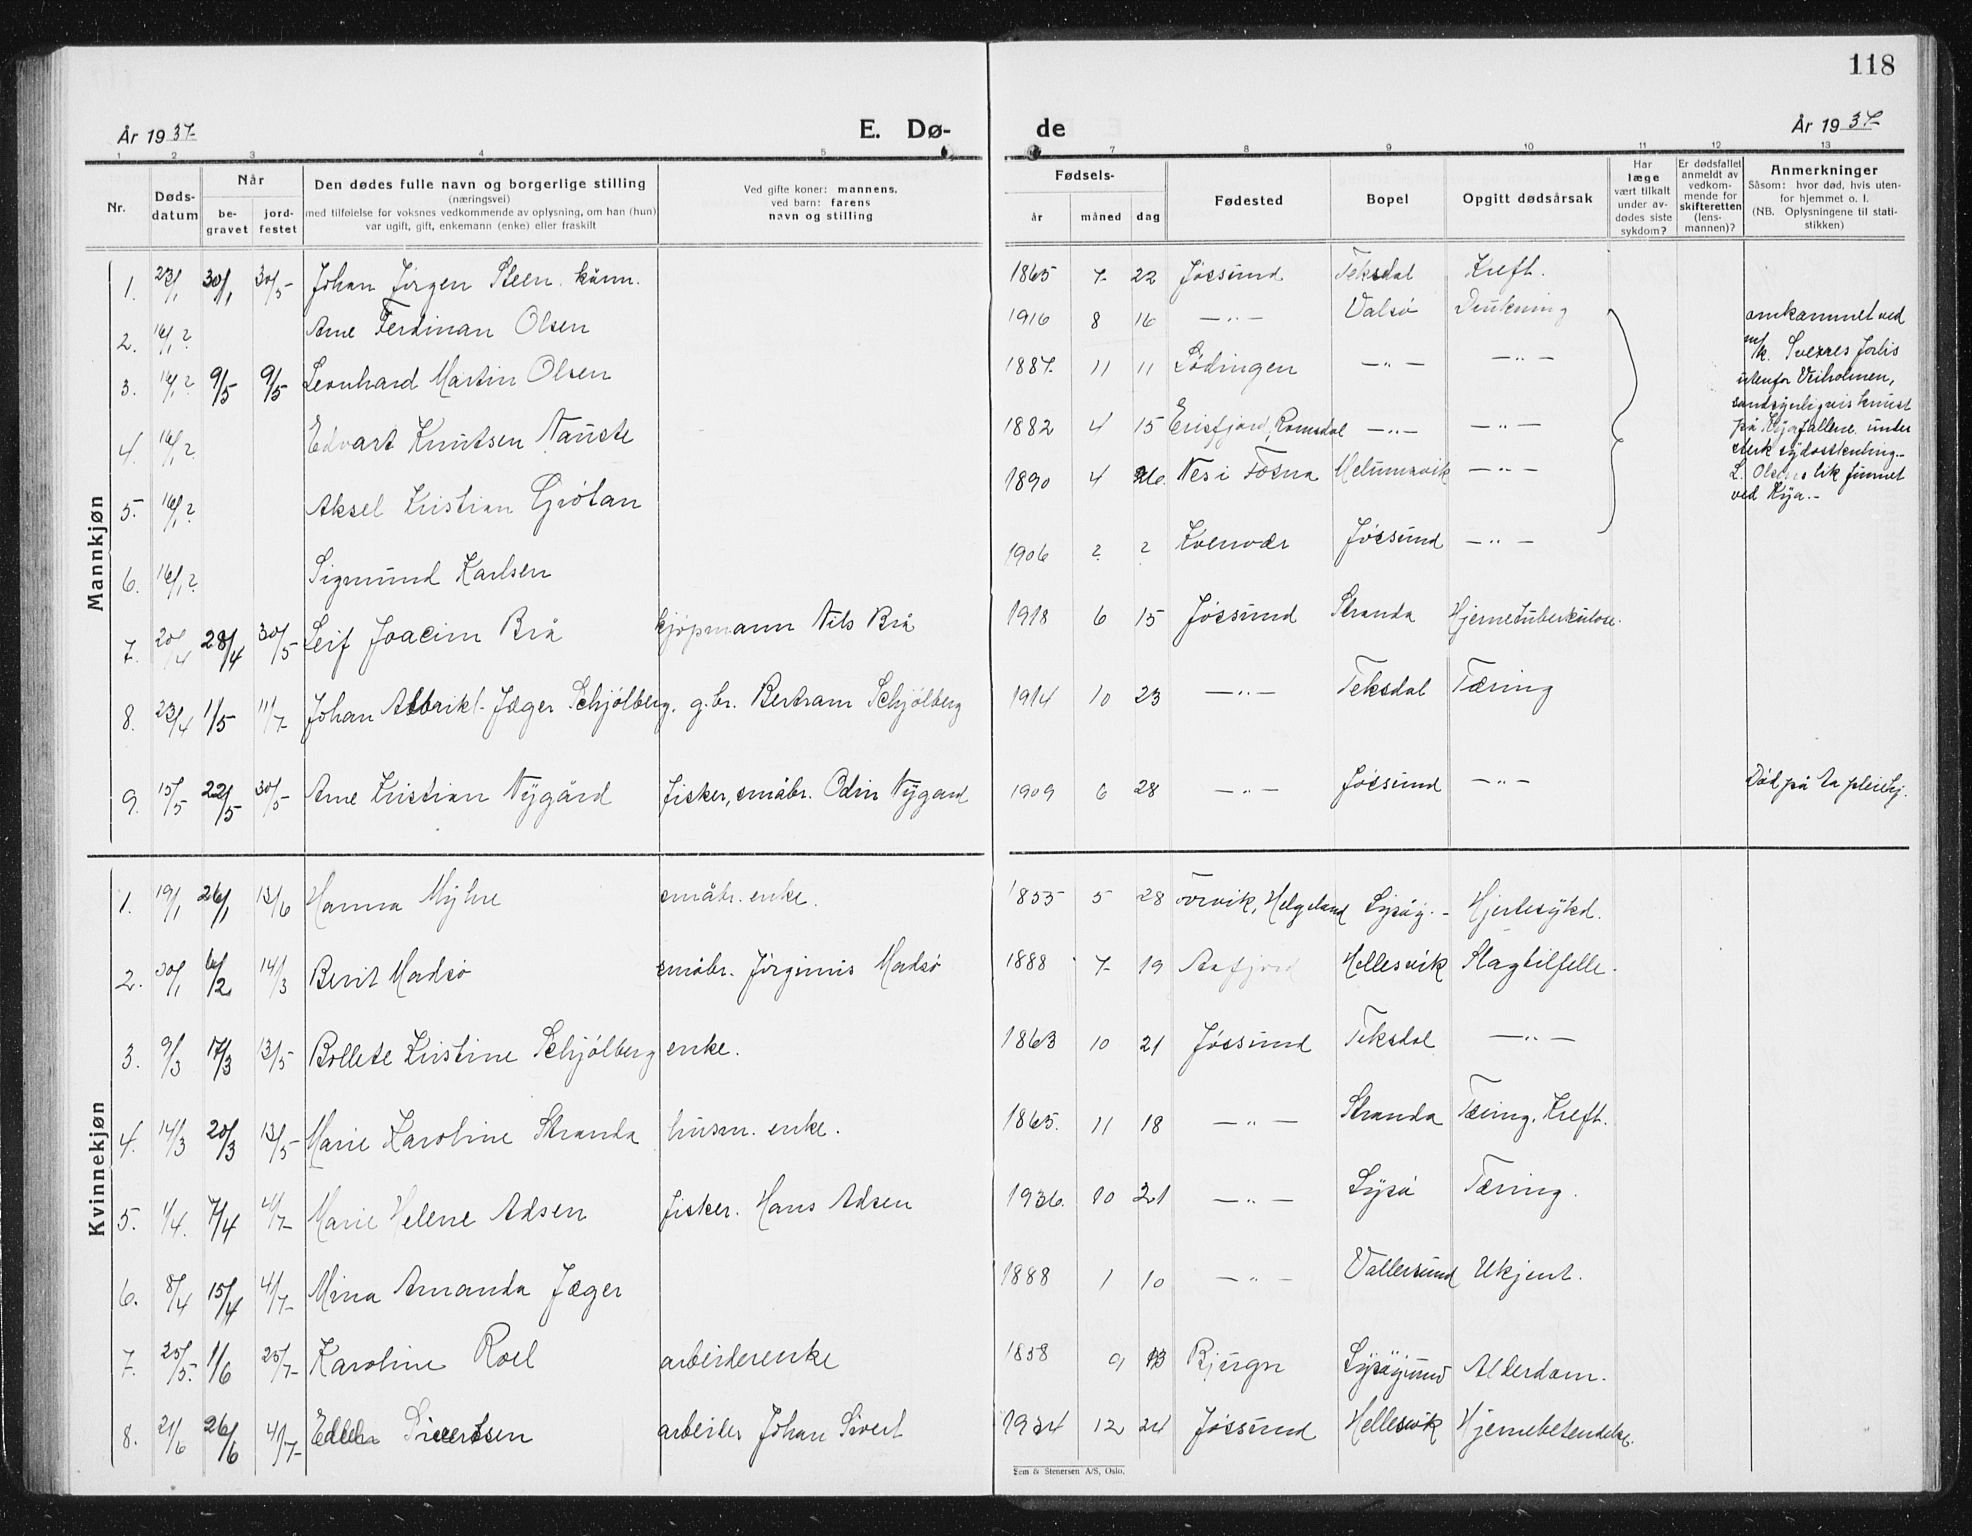 SAT, Ministerialprotokoller, klokkerbøker og fødselsregistre - Sør-Trøndelag, 654/L0667: Klokkerbok nr. 654C03, 1924-1939, s. 118